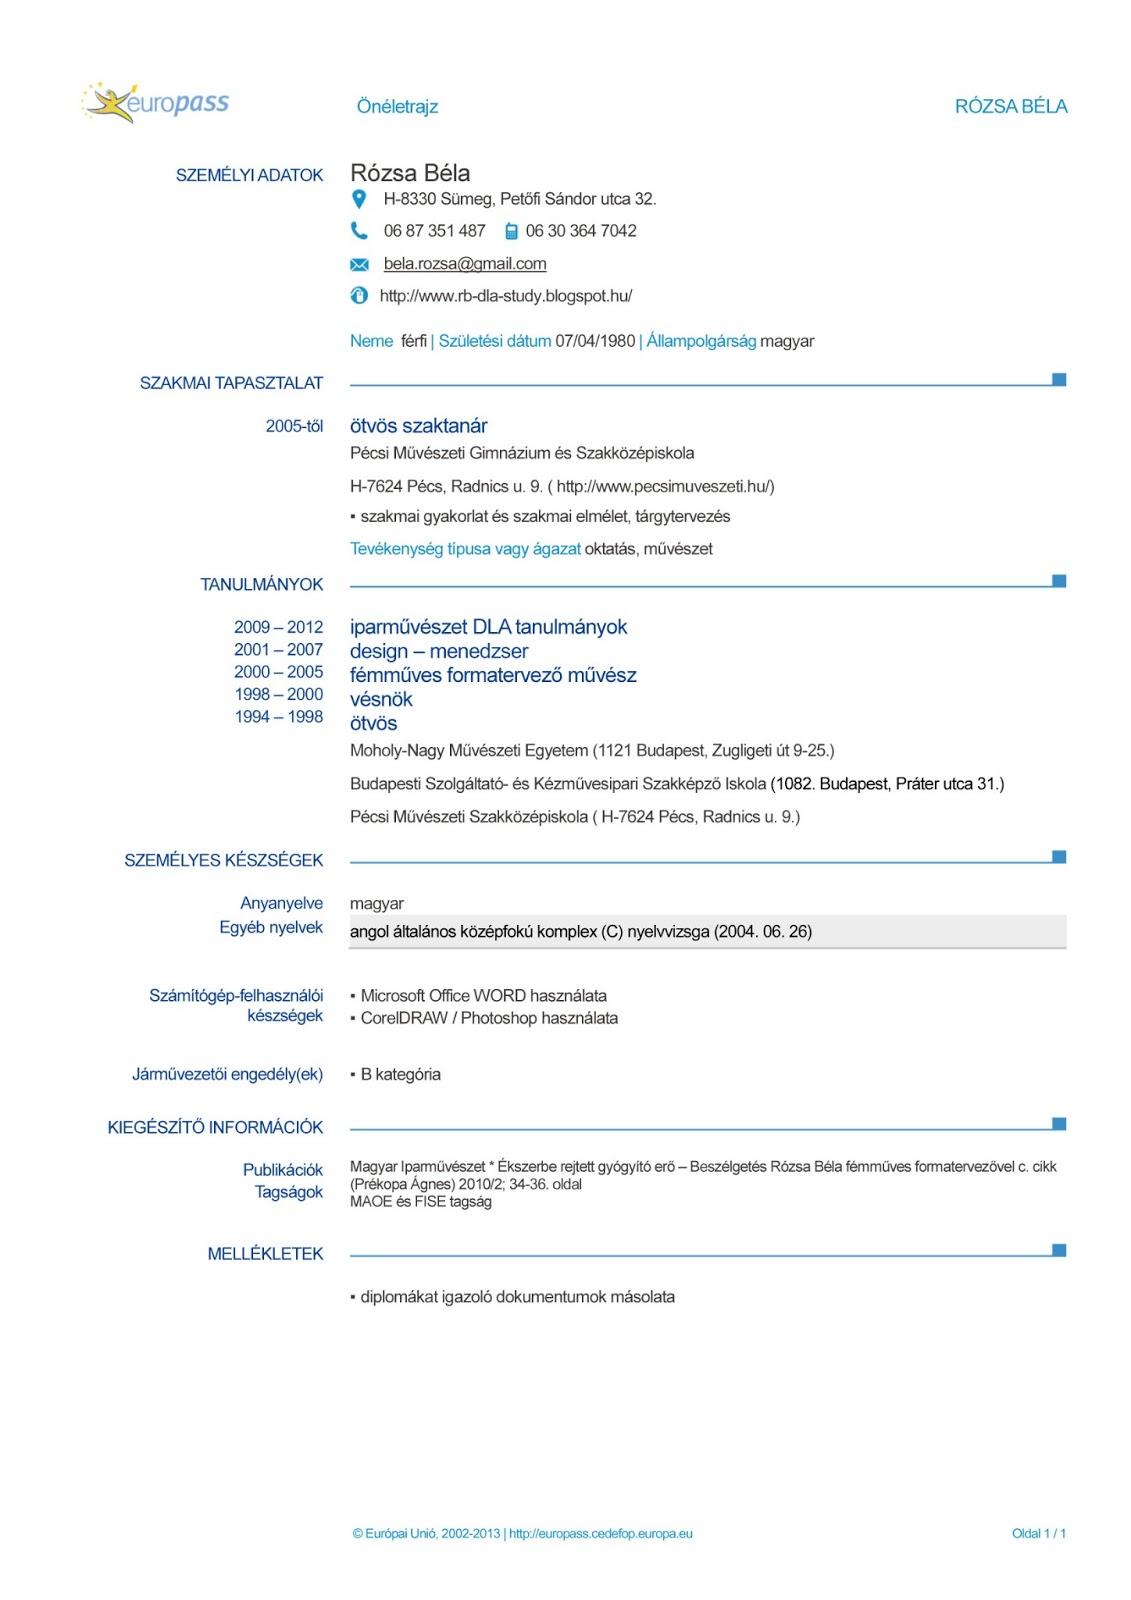 önéletrajzok tárolása RB dla study: RB szakmai CV önéletrajzok tárolása